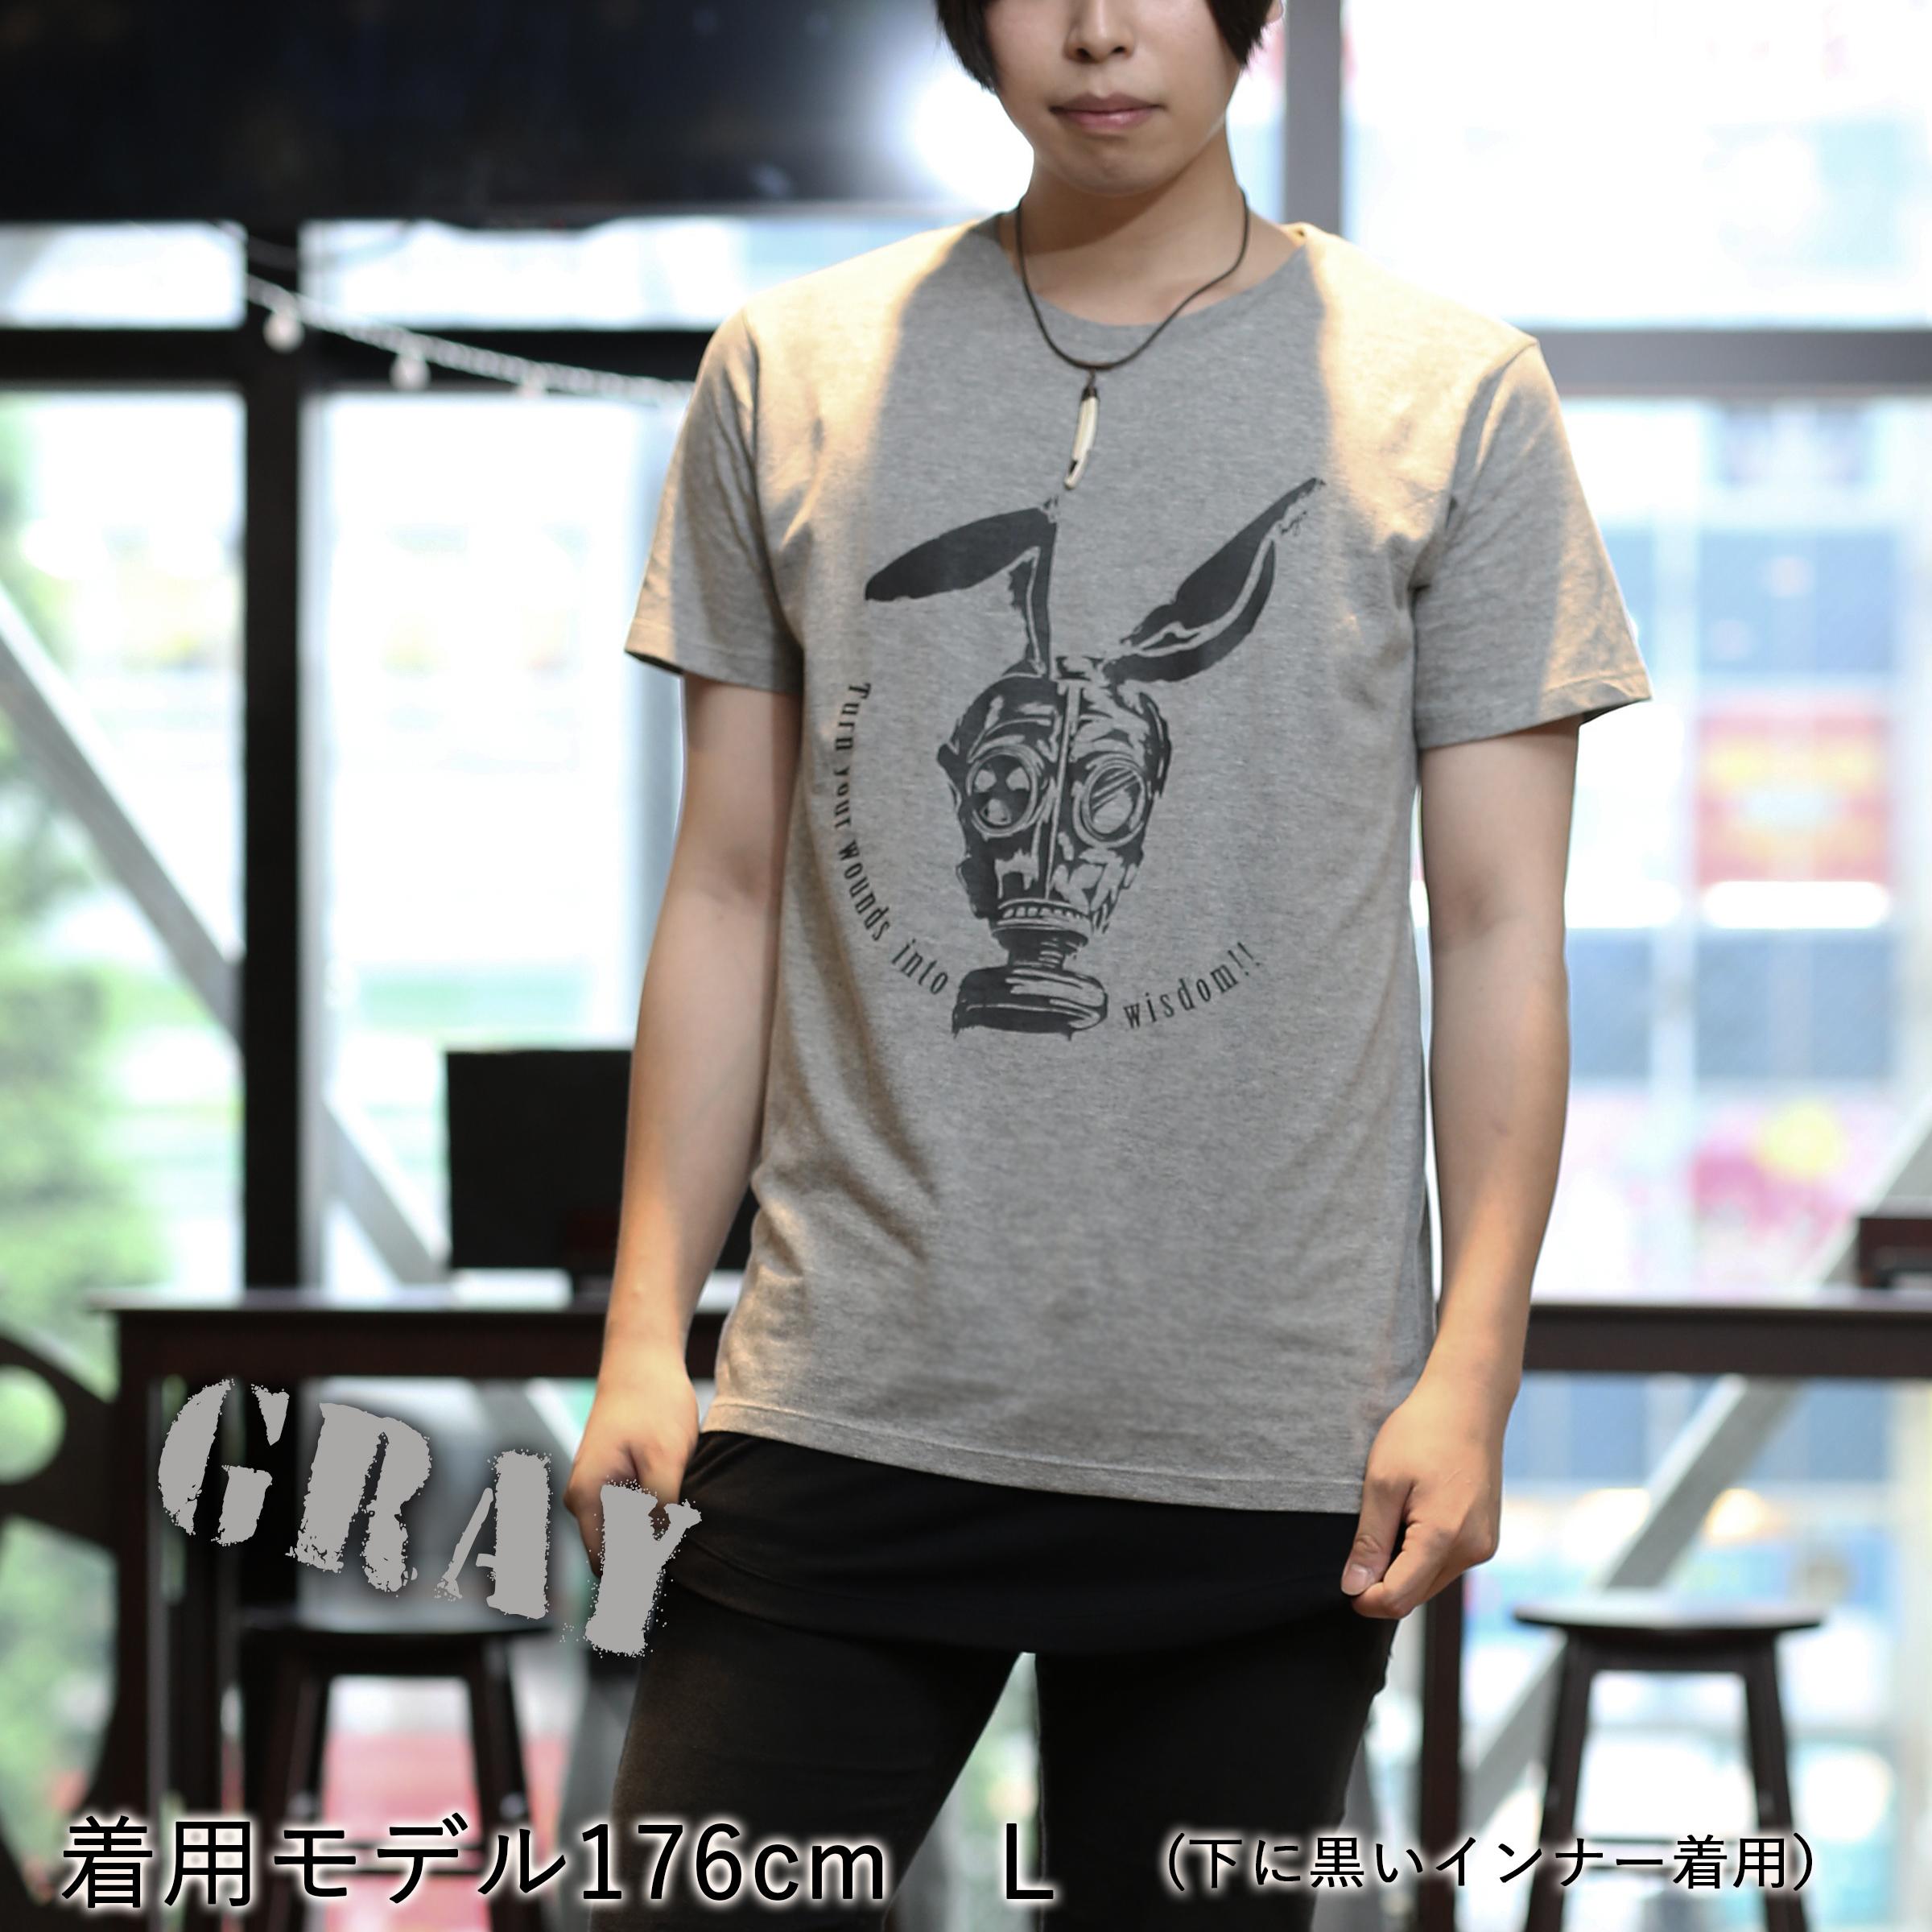 ガスマスクラビット  T-shirt(メンズ)